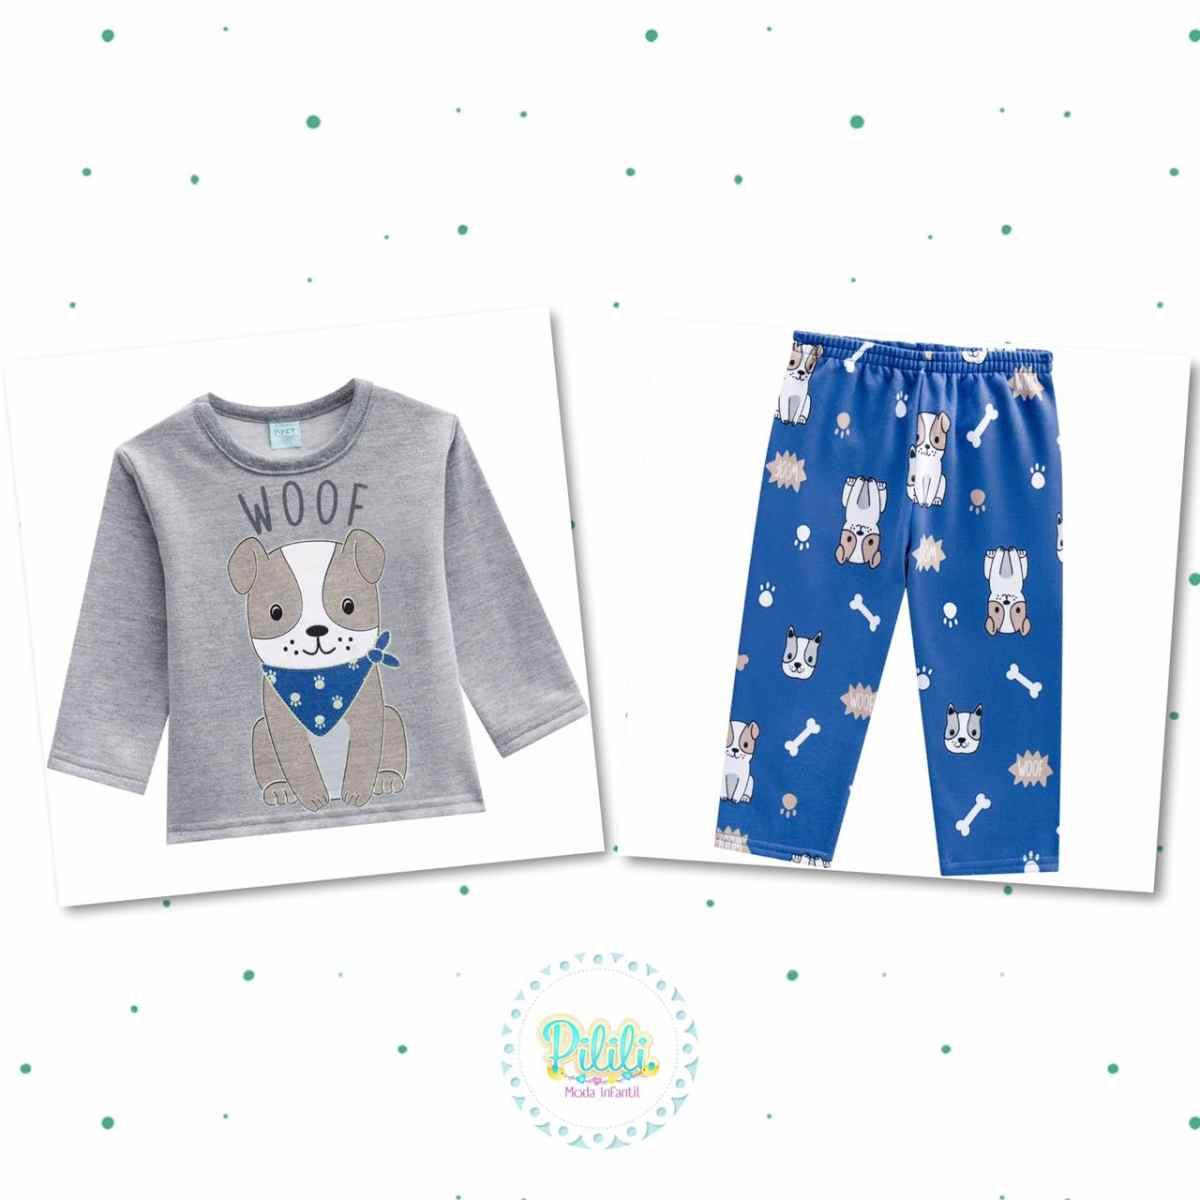 Pijama Menino Kyly em Moletom Peluciado Brilha no Escuro